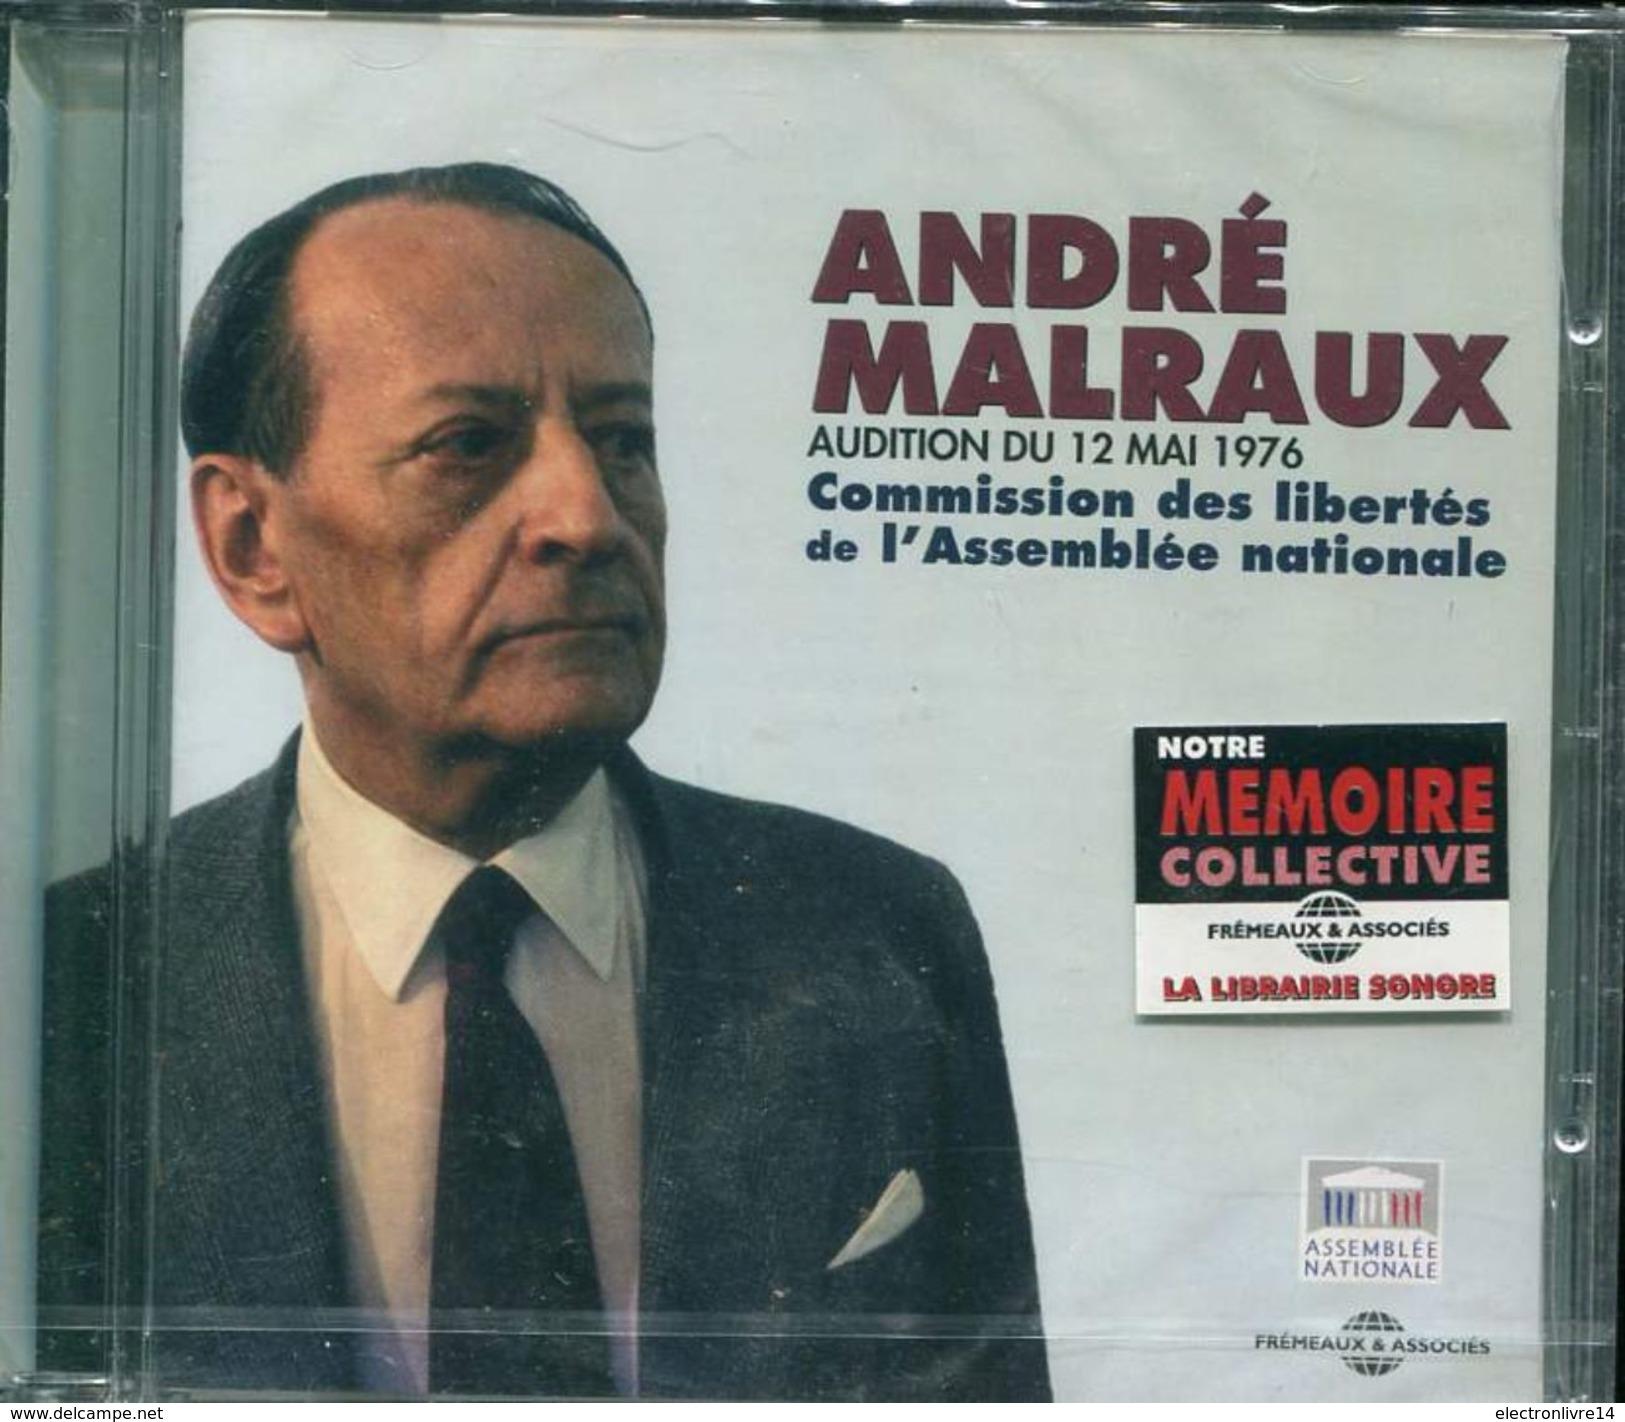 Cd  Coffret 1 Cd Neuf Sous Blister Andre Malraux Audition Du 12 Mai 1976 Comission Des Libertes A L'assemblee Nationale - Audio Books